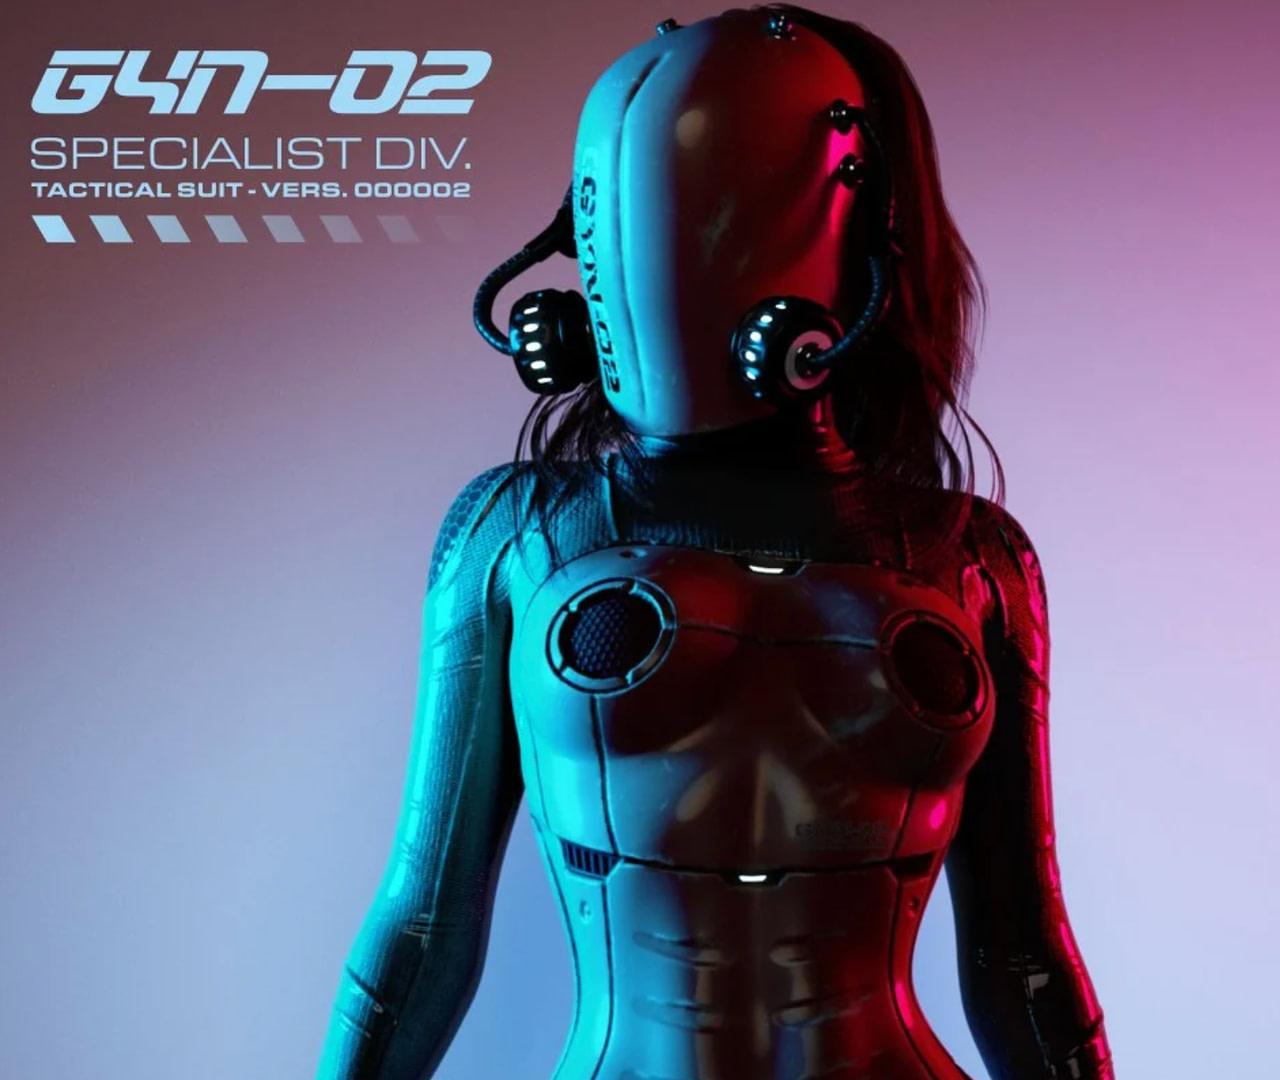 daz3d female cyborg gyn 02